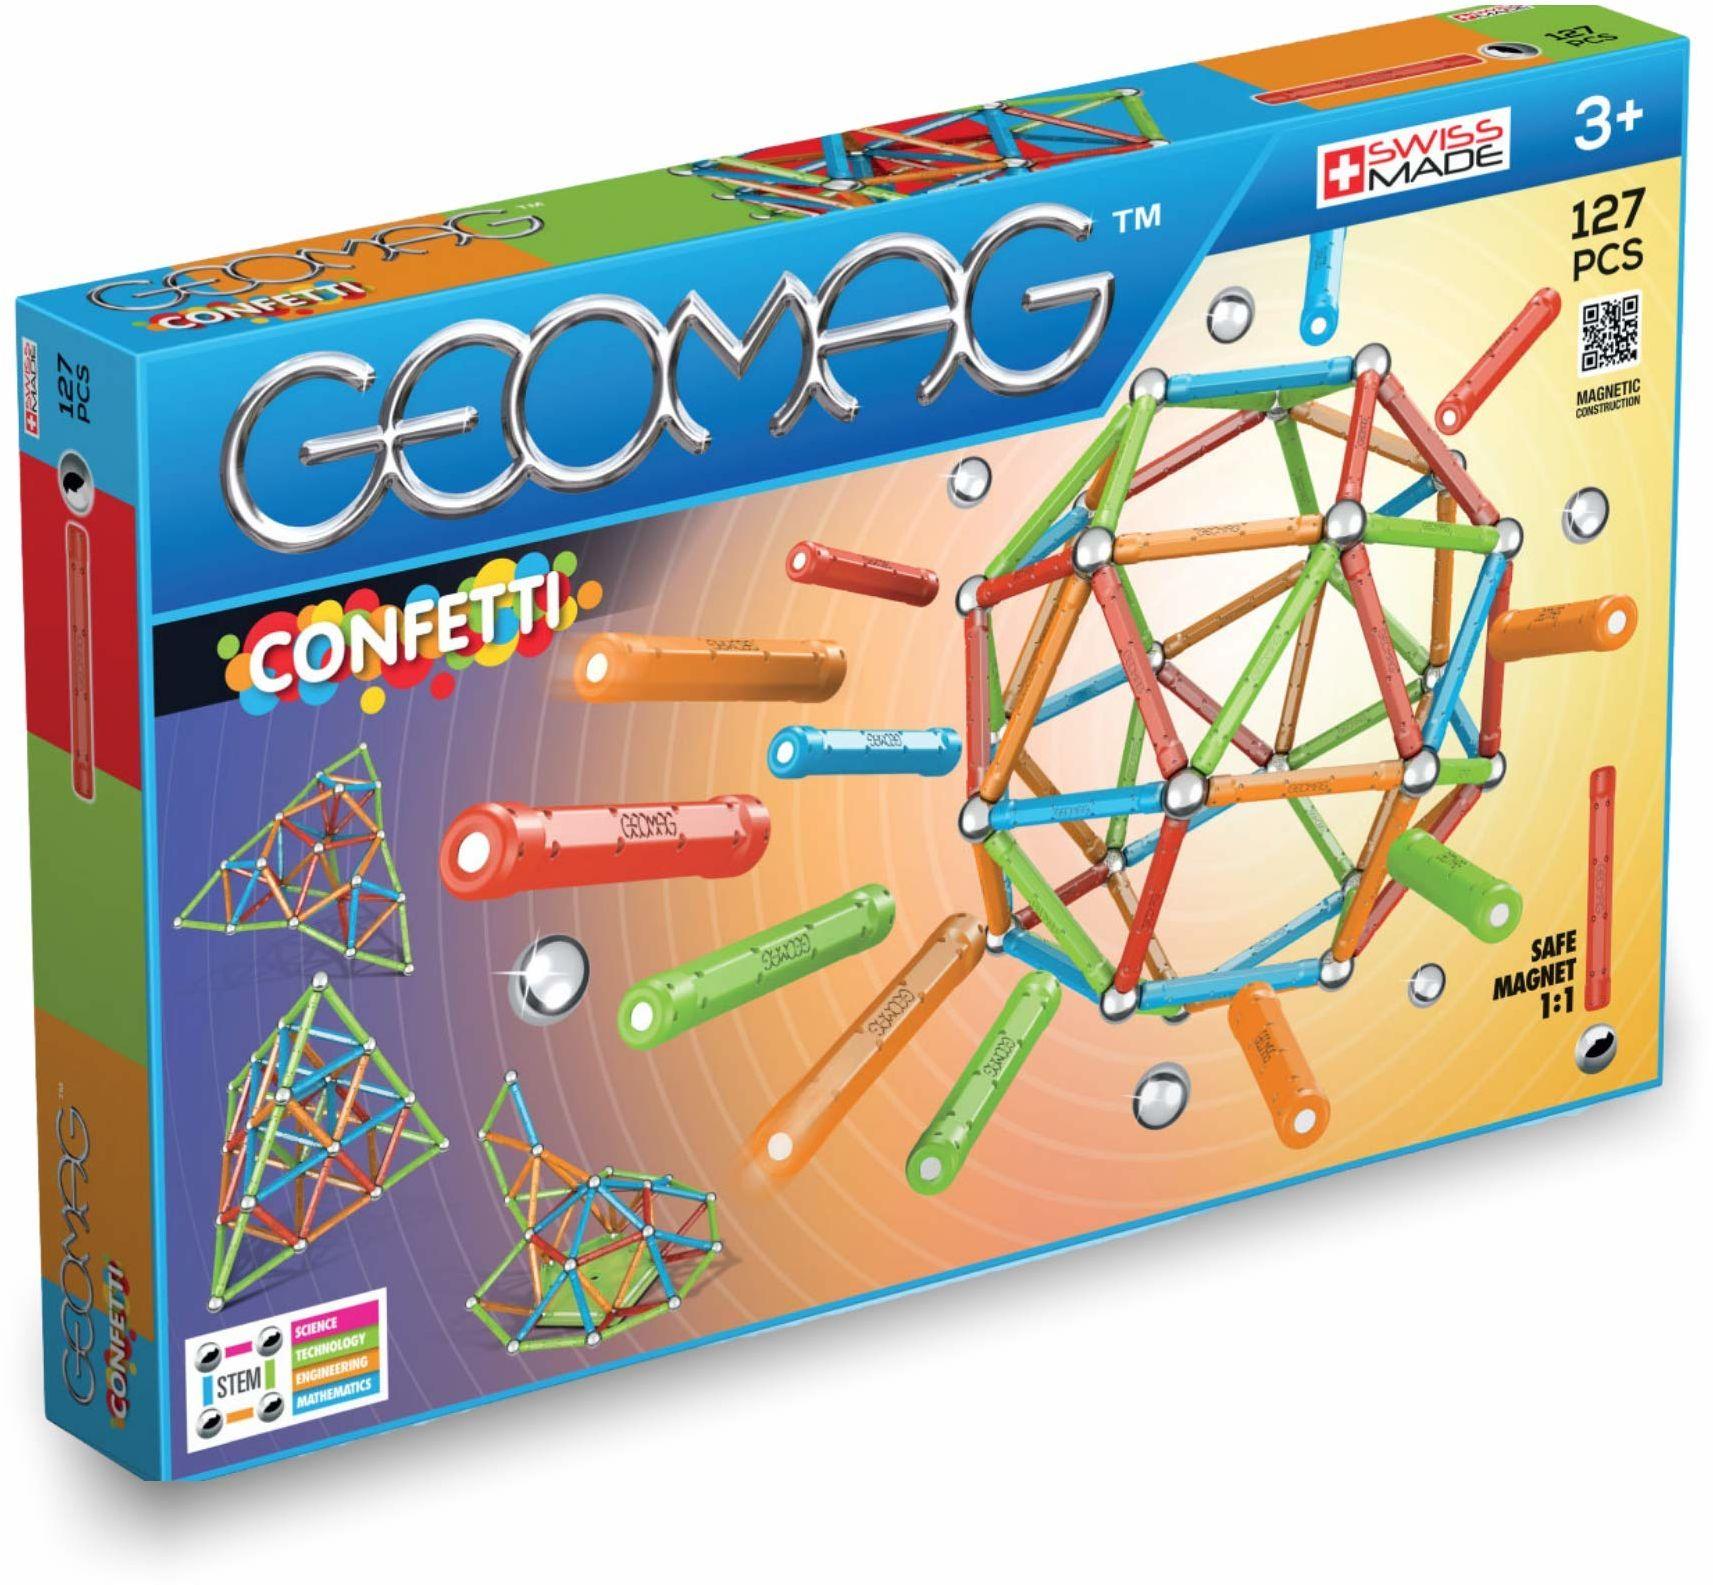 Geomag, Classic Confetti, 354, konstrukcje magnetyczne i gry edukacyjne, zabawka konstrukcyjna, 127-częściowy